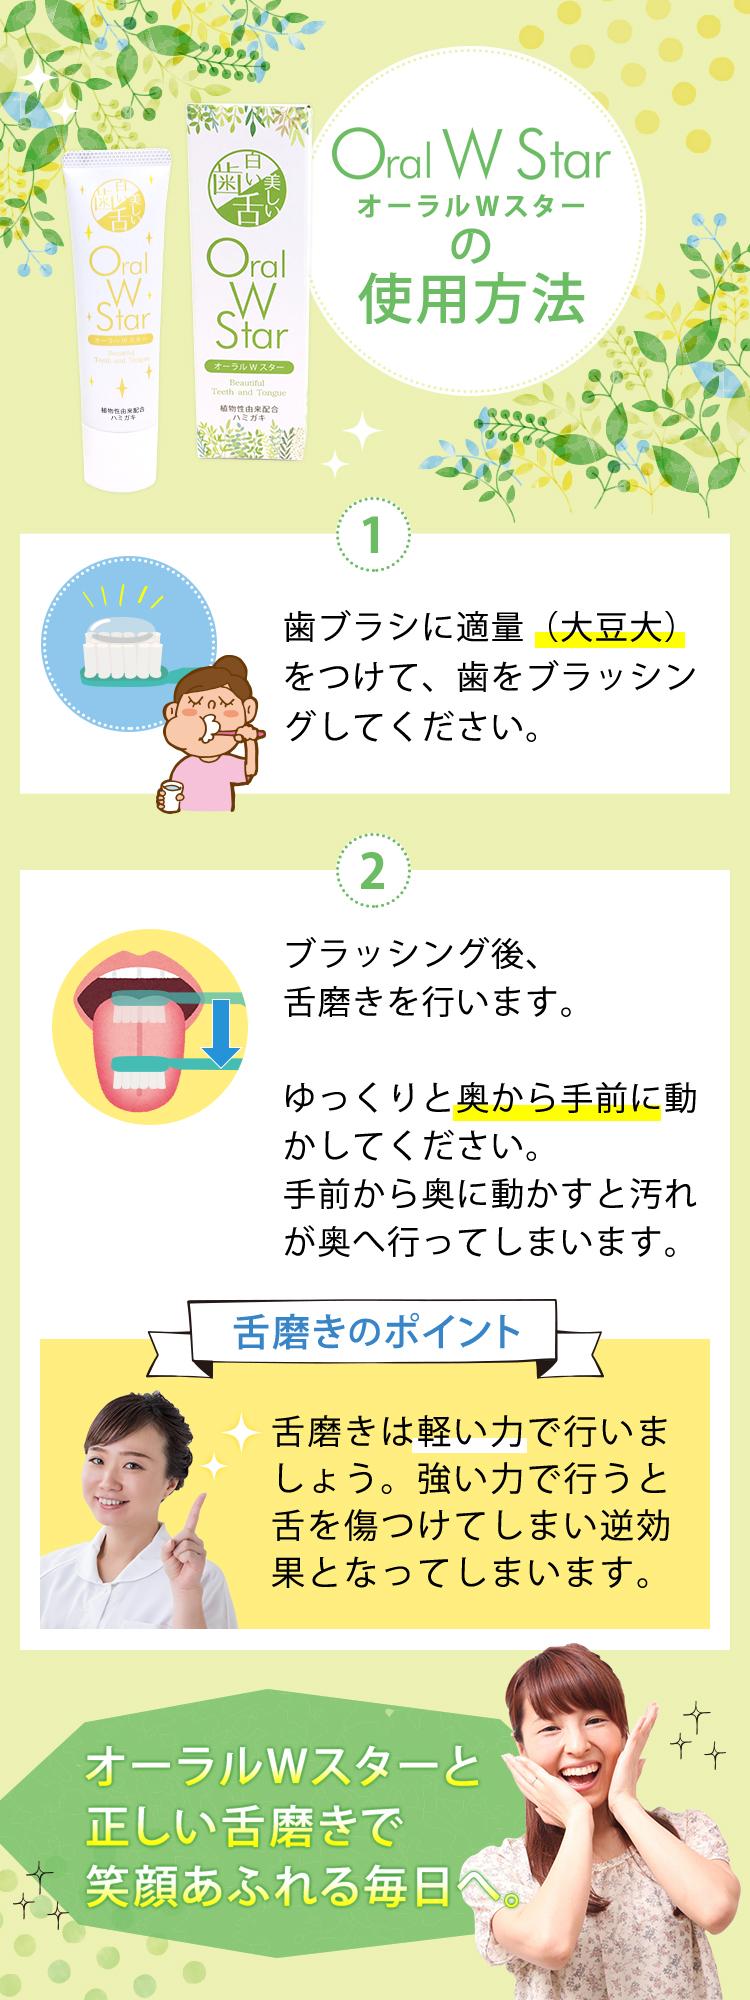 使用方法 正しい舌磨き